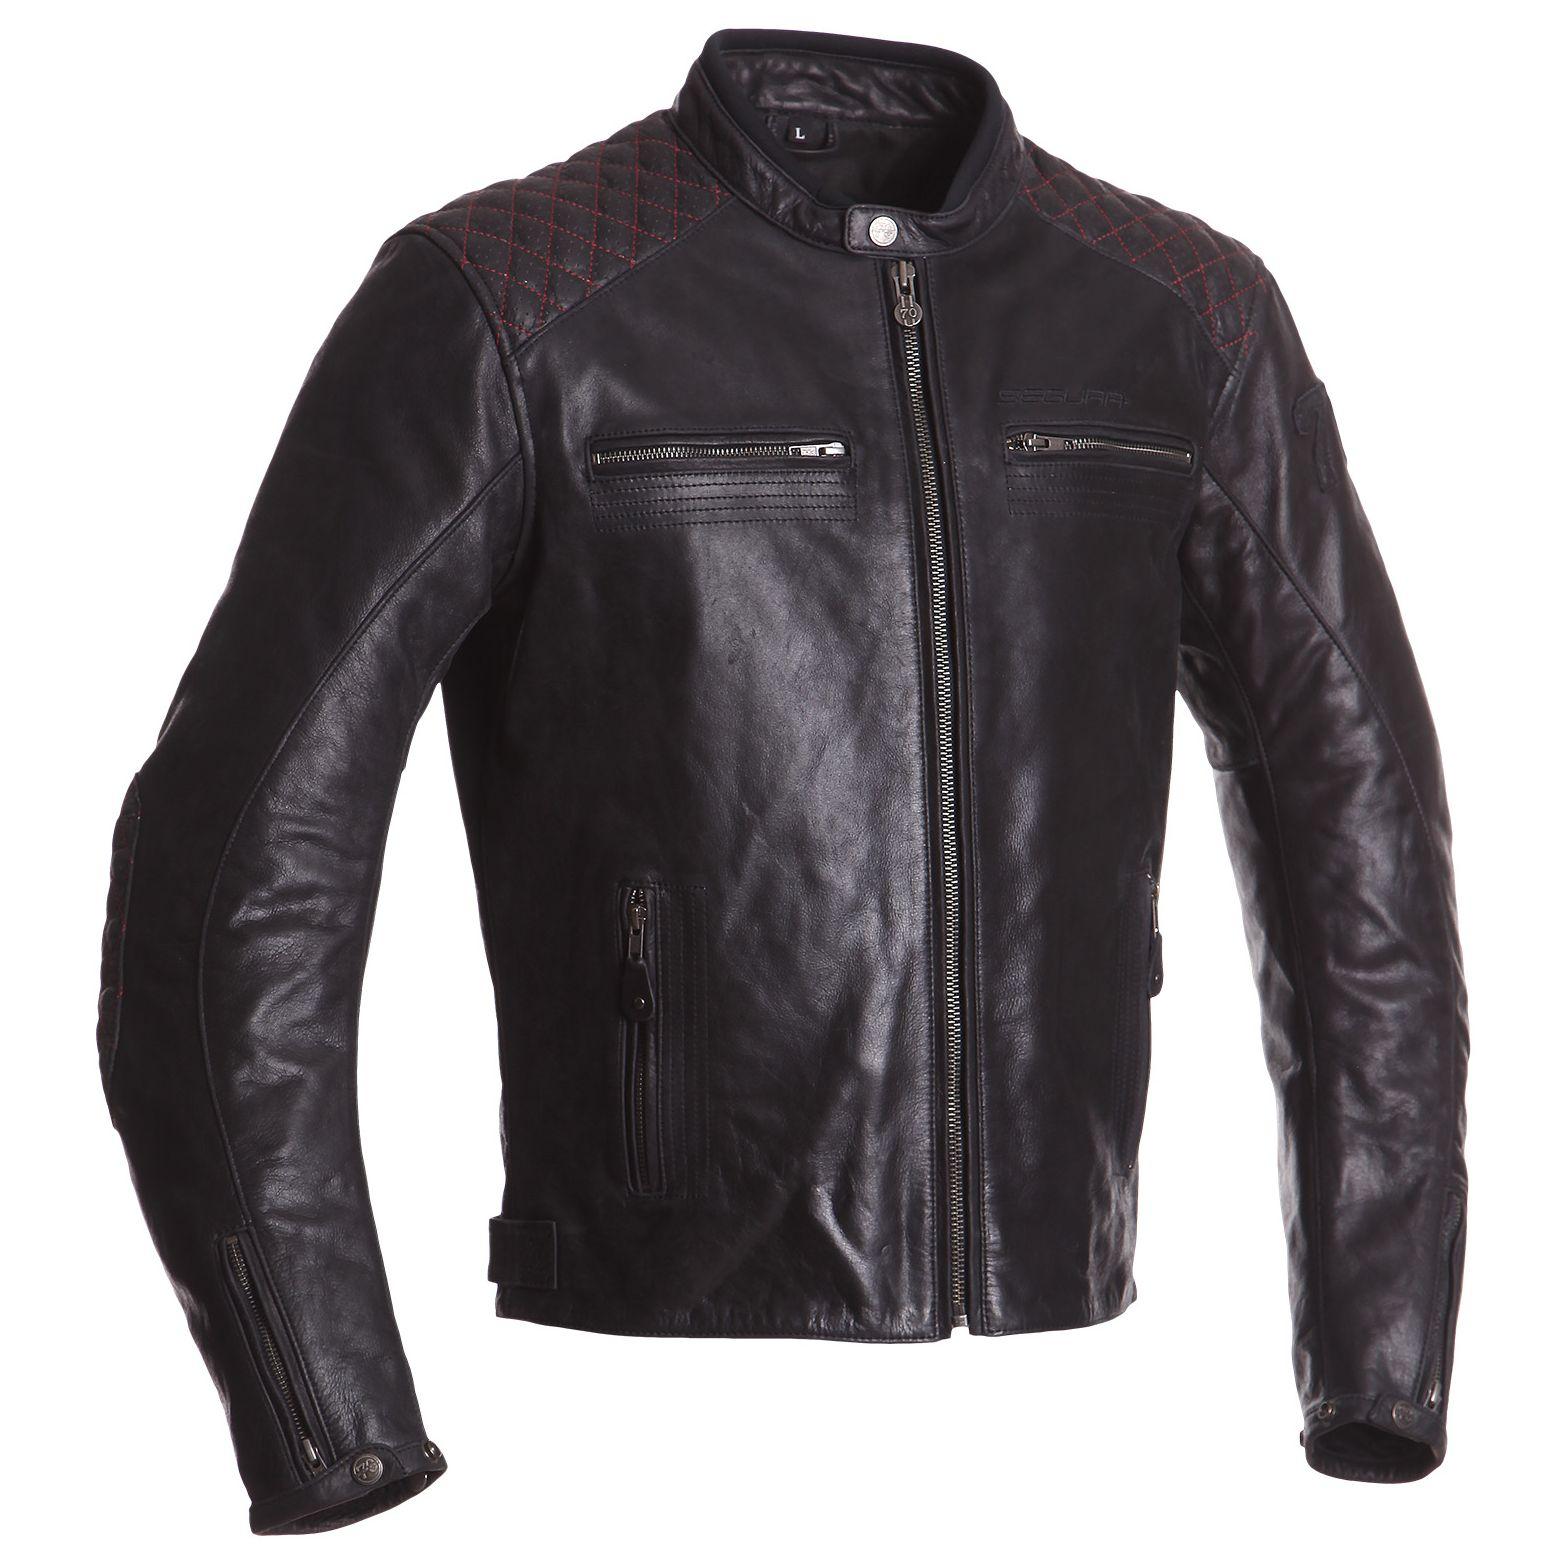 Blouson moto en cuir toutes saisons - Segura Jenner (Tailles M à 3XL)